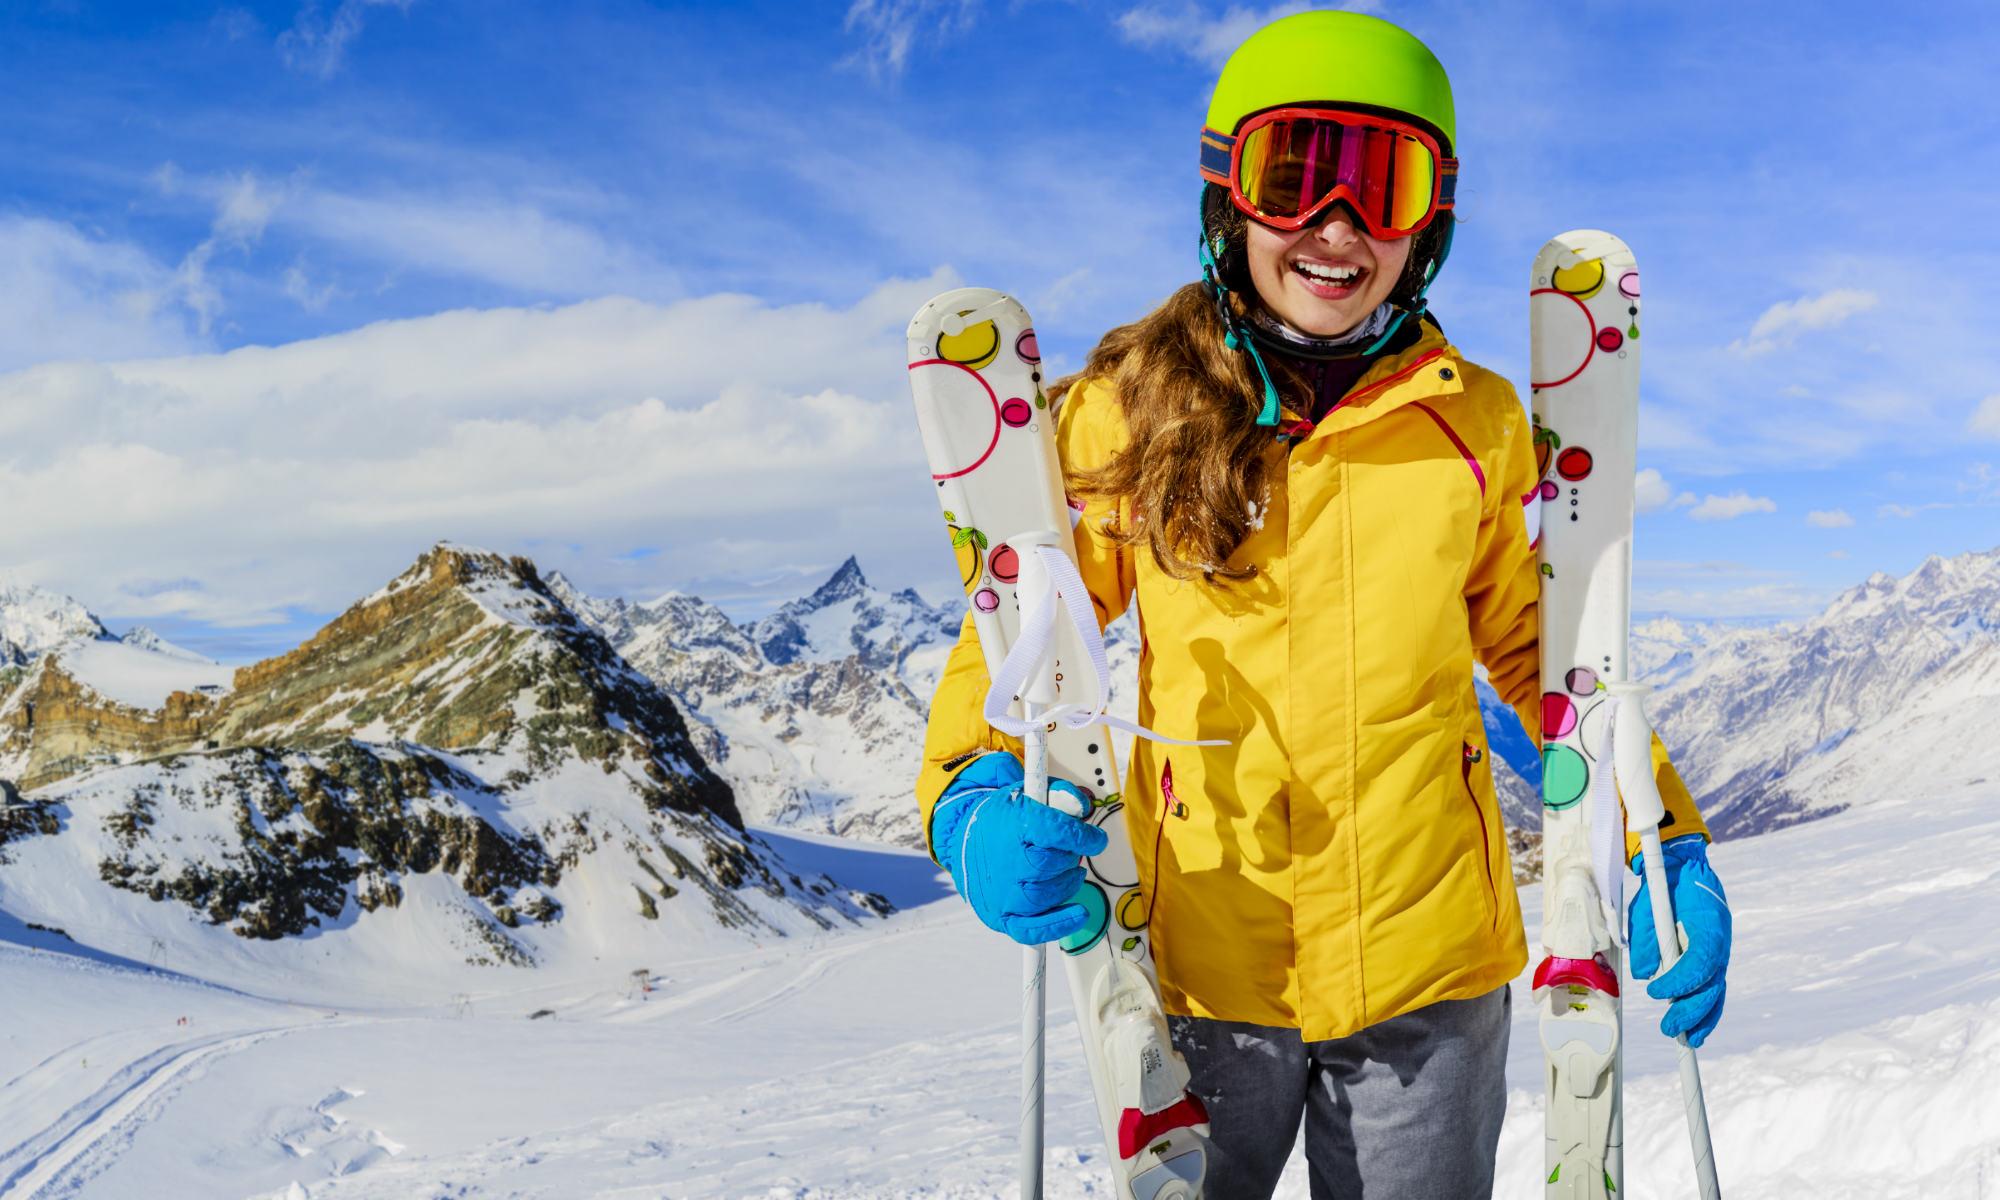 Una sciatrice con in mano la sua attrezzatura da sci, sorride verso la macchina fotografica.